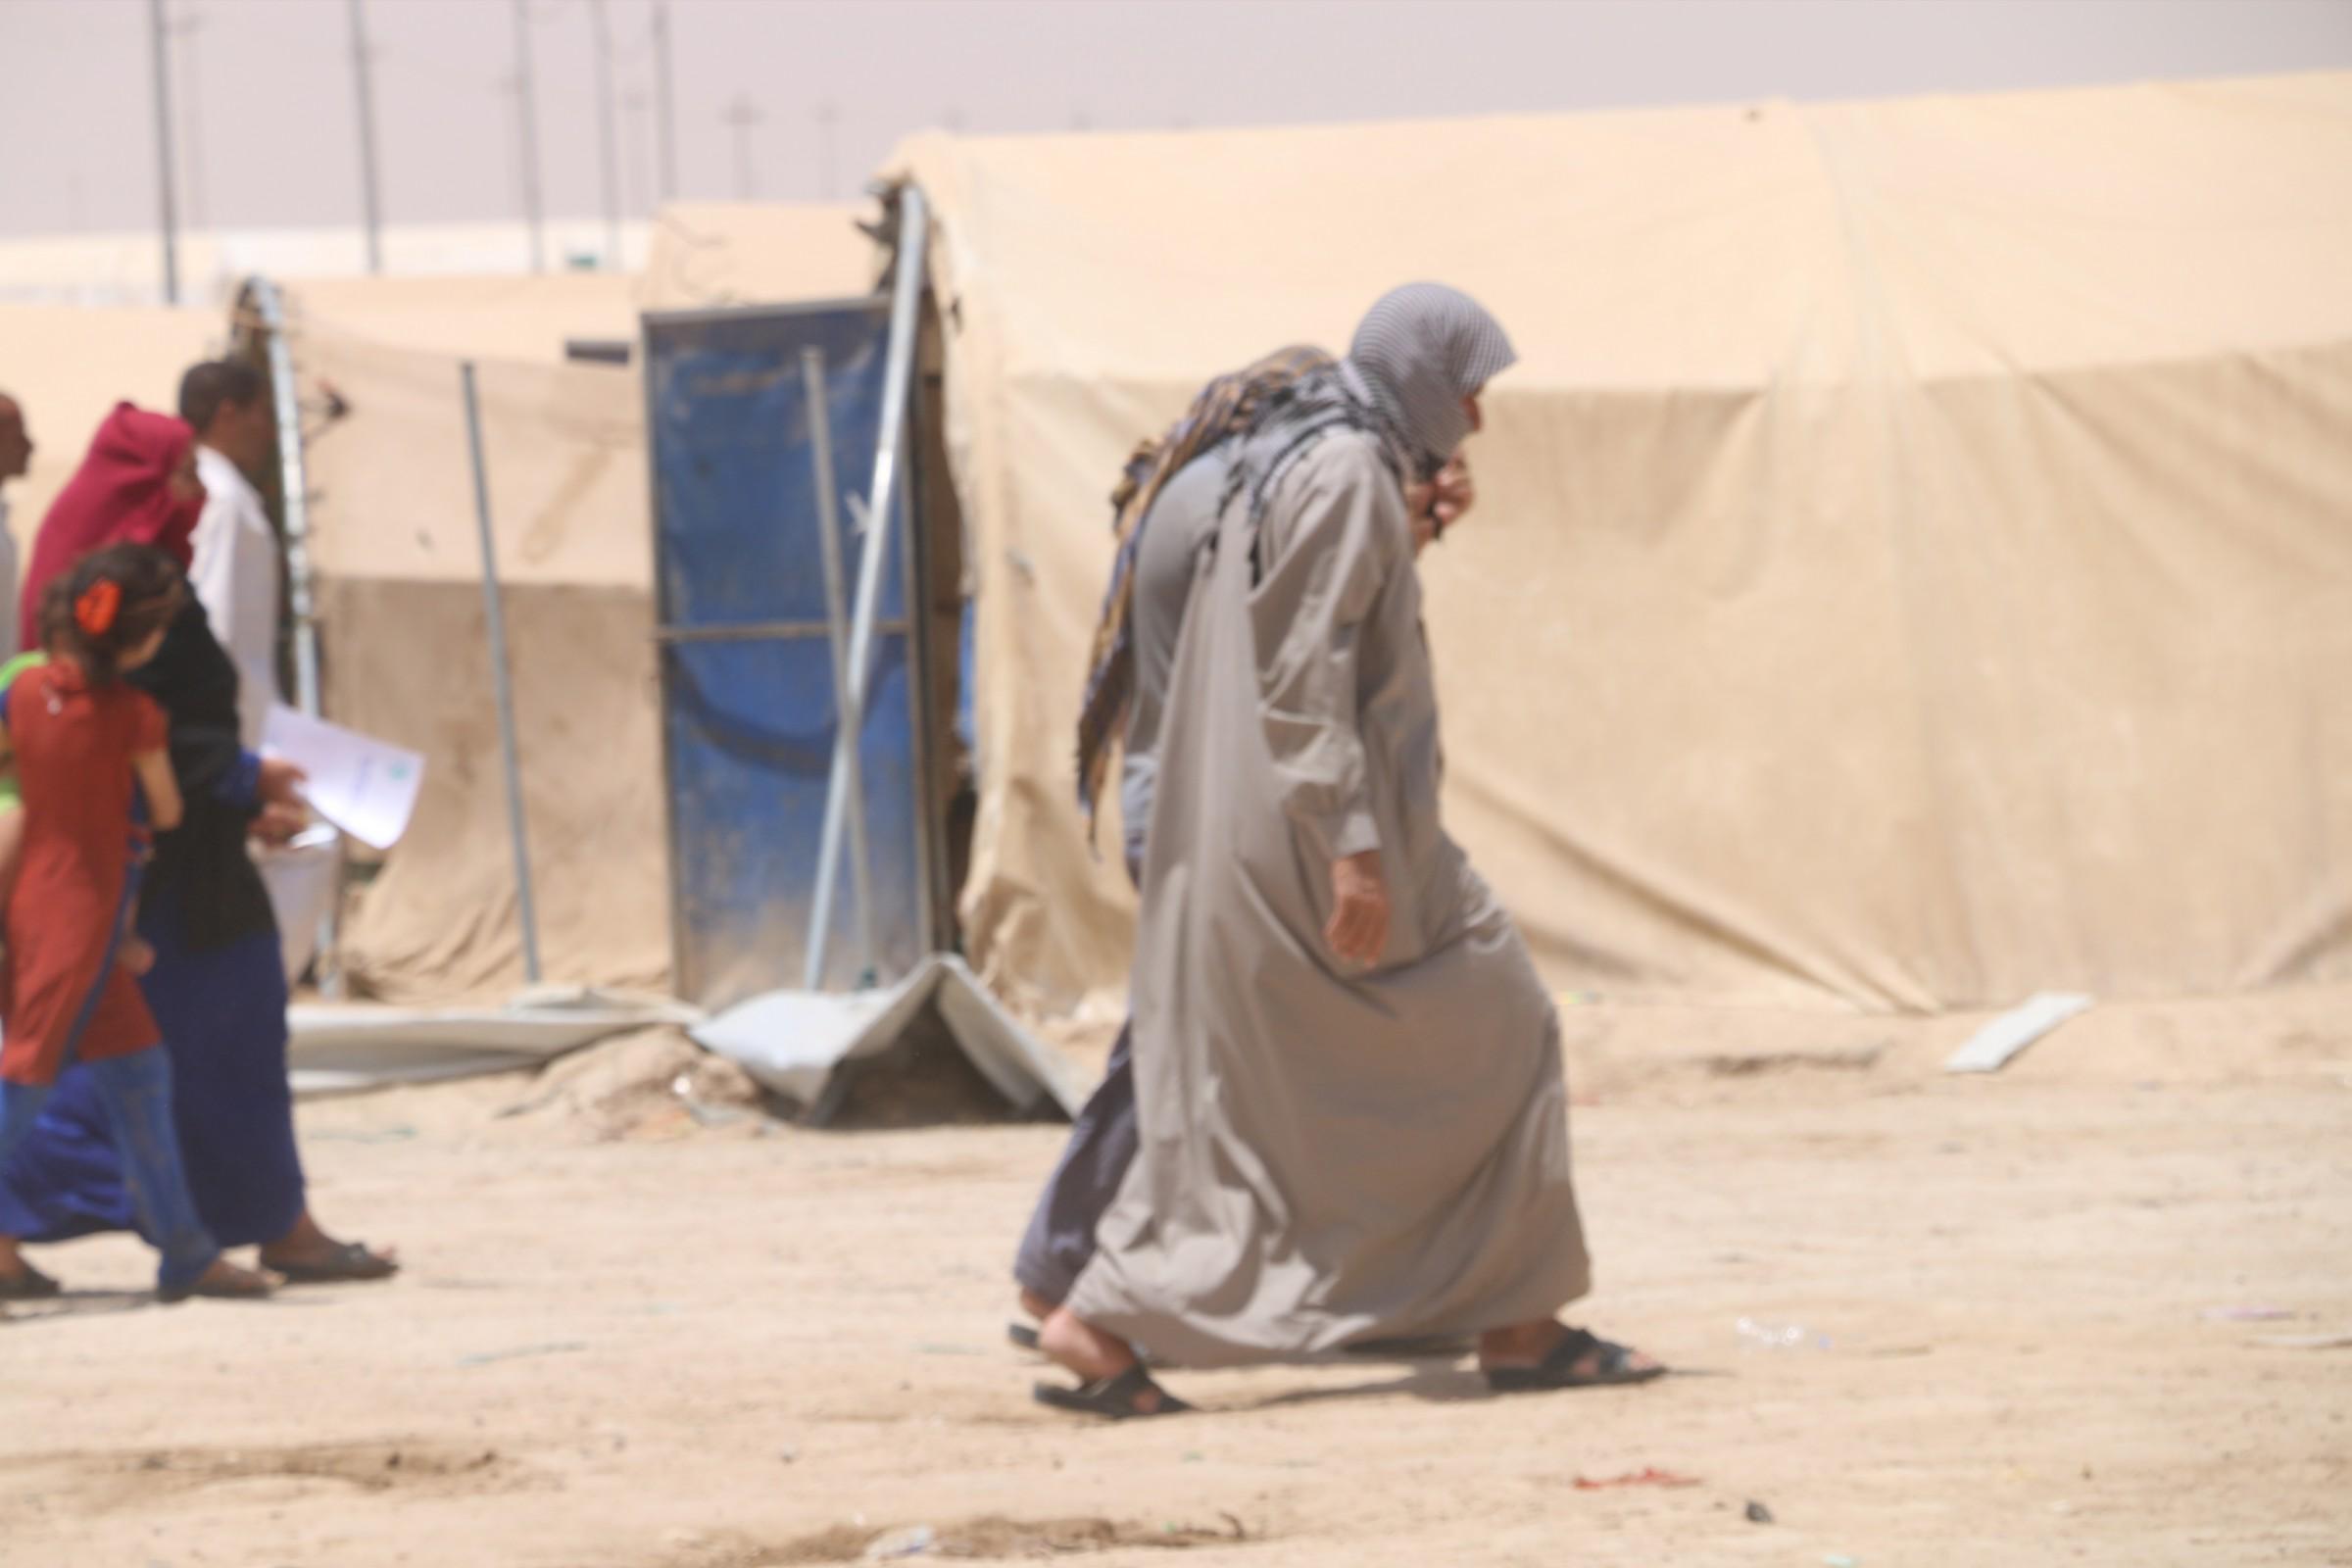 شهداء وجرحى بتفجير انتحاري يستهدف مخيماً للنازحين غرب الرمادي